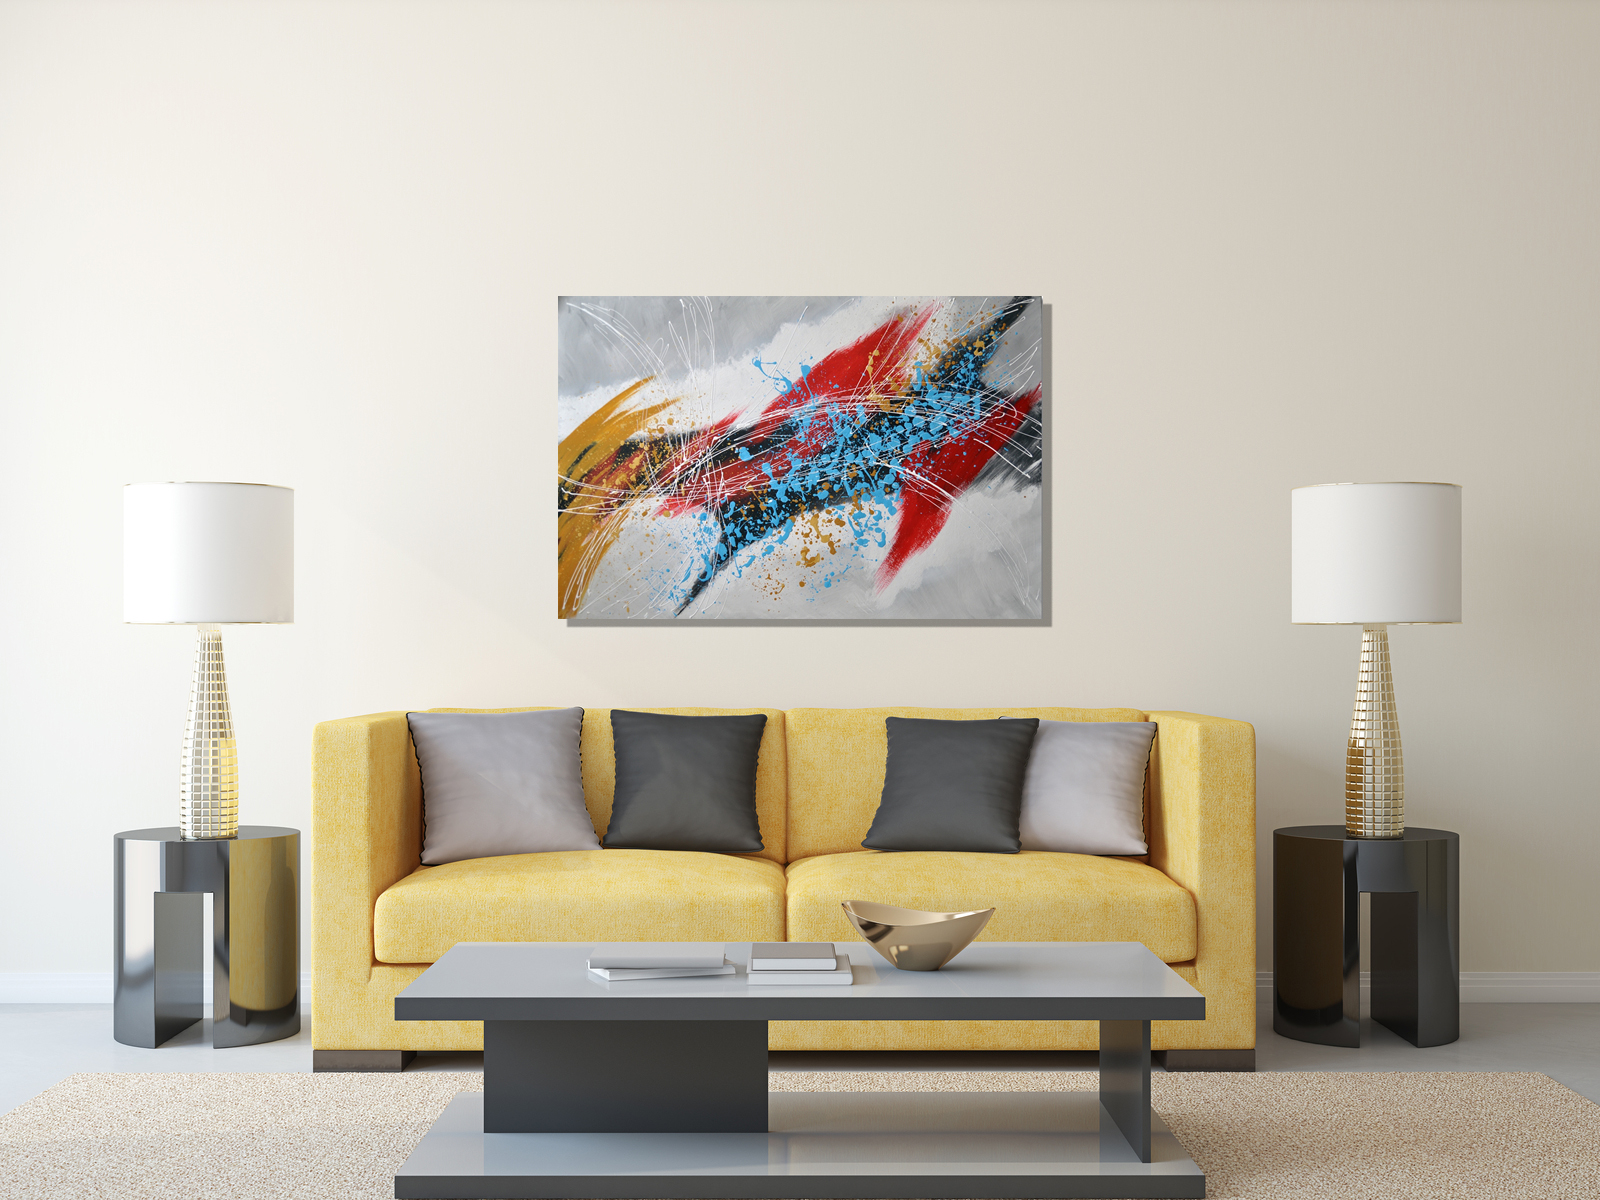 Modern Interieur Schilderij : Onvoltooide kruissteek onvoltooide interieur diy d diamant